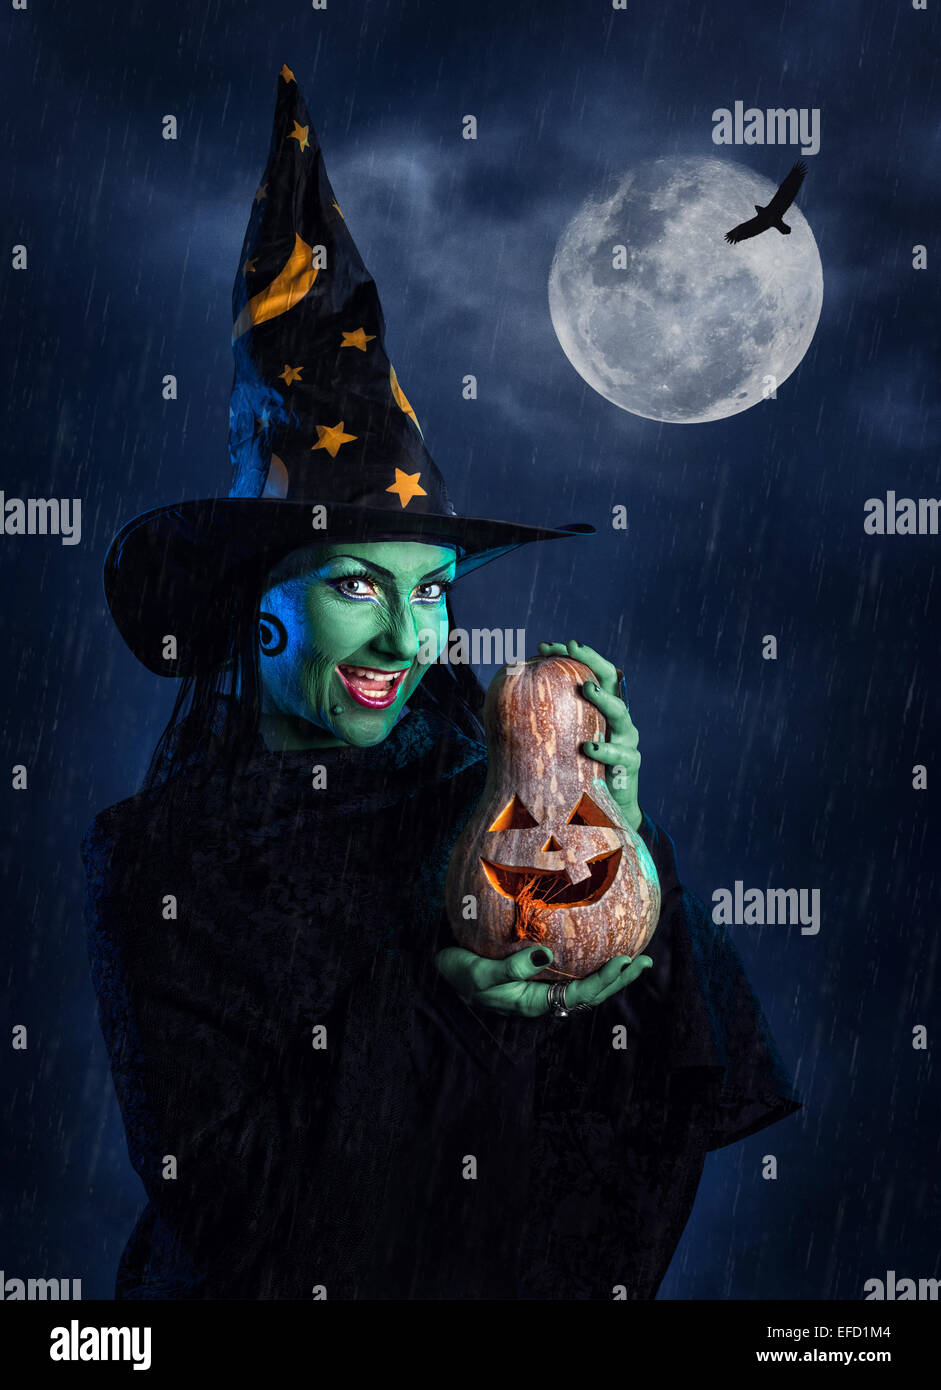 Hexe mit grüner Haut halten geschnitzte Halloween-Kürbis am Mond und dunklen Himmel mit Regen Stockbild